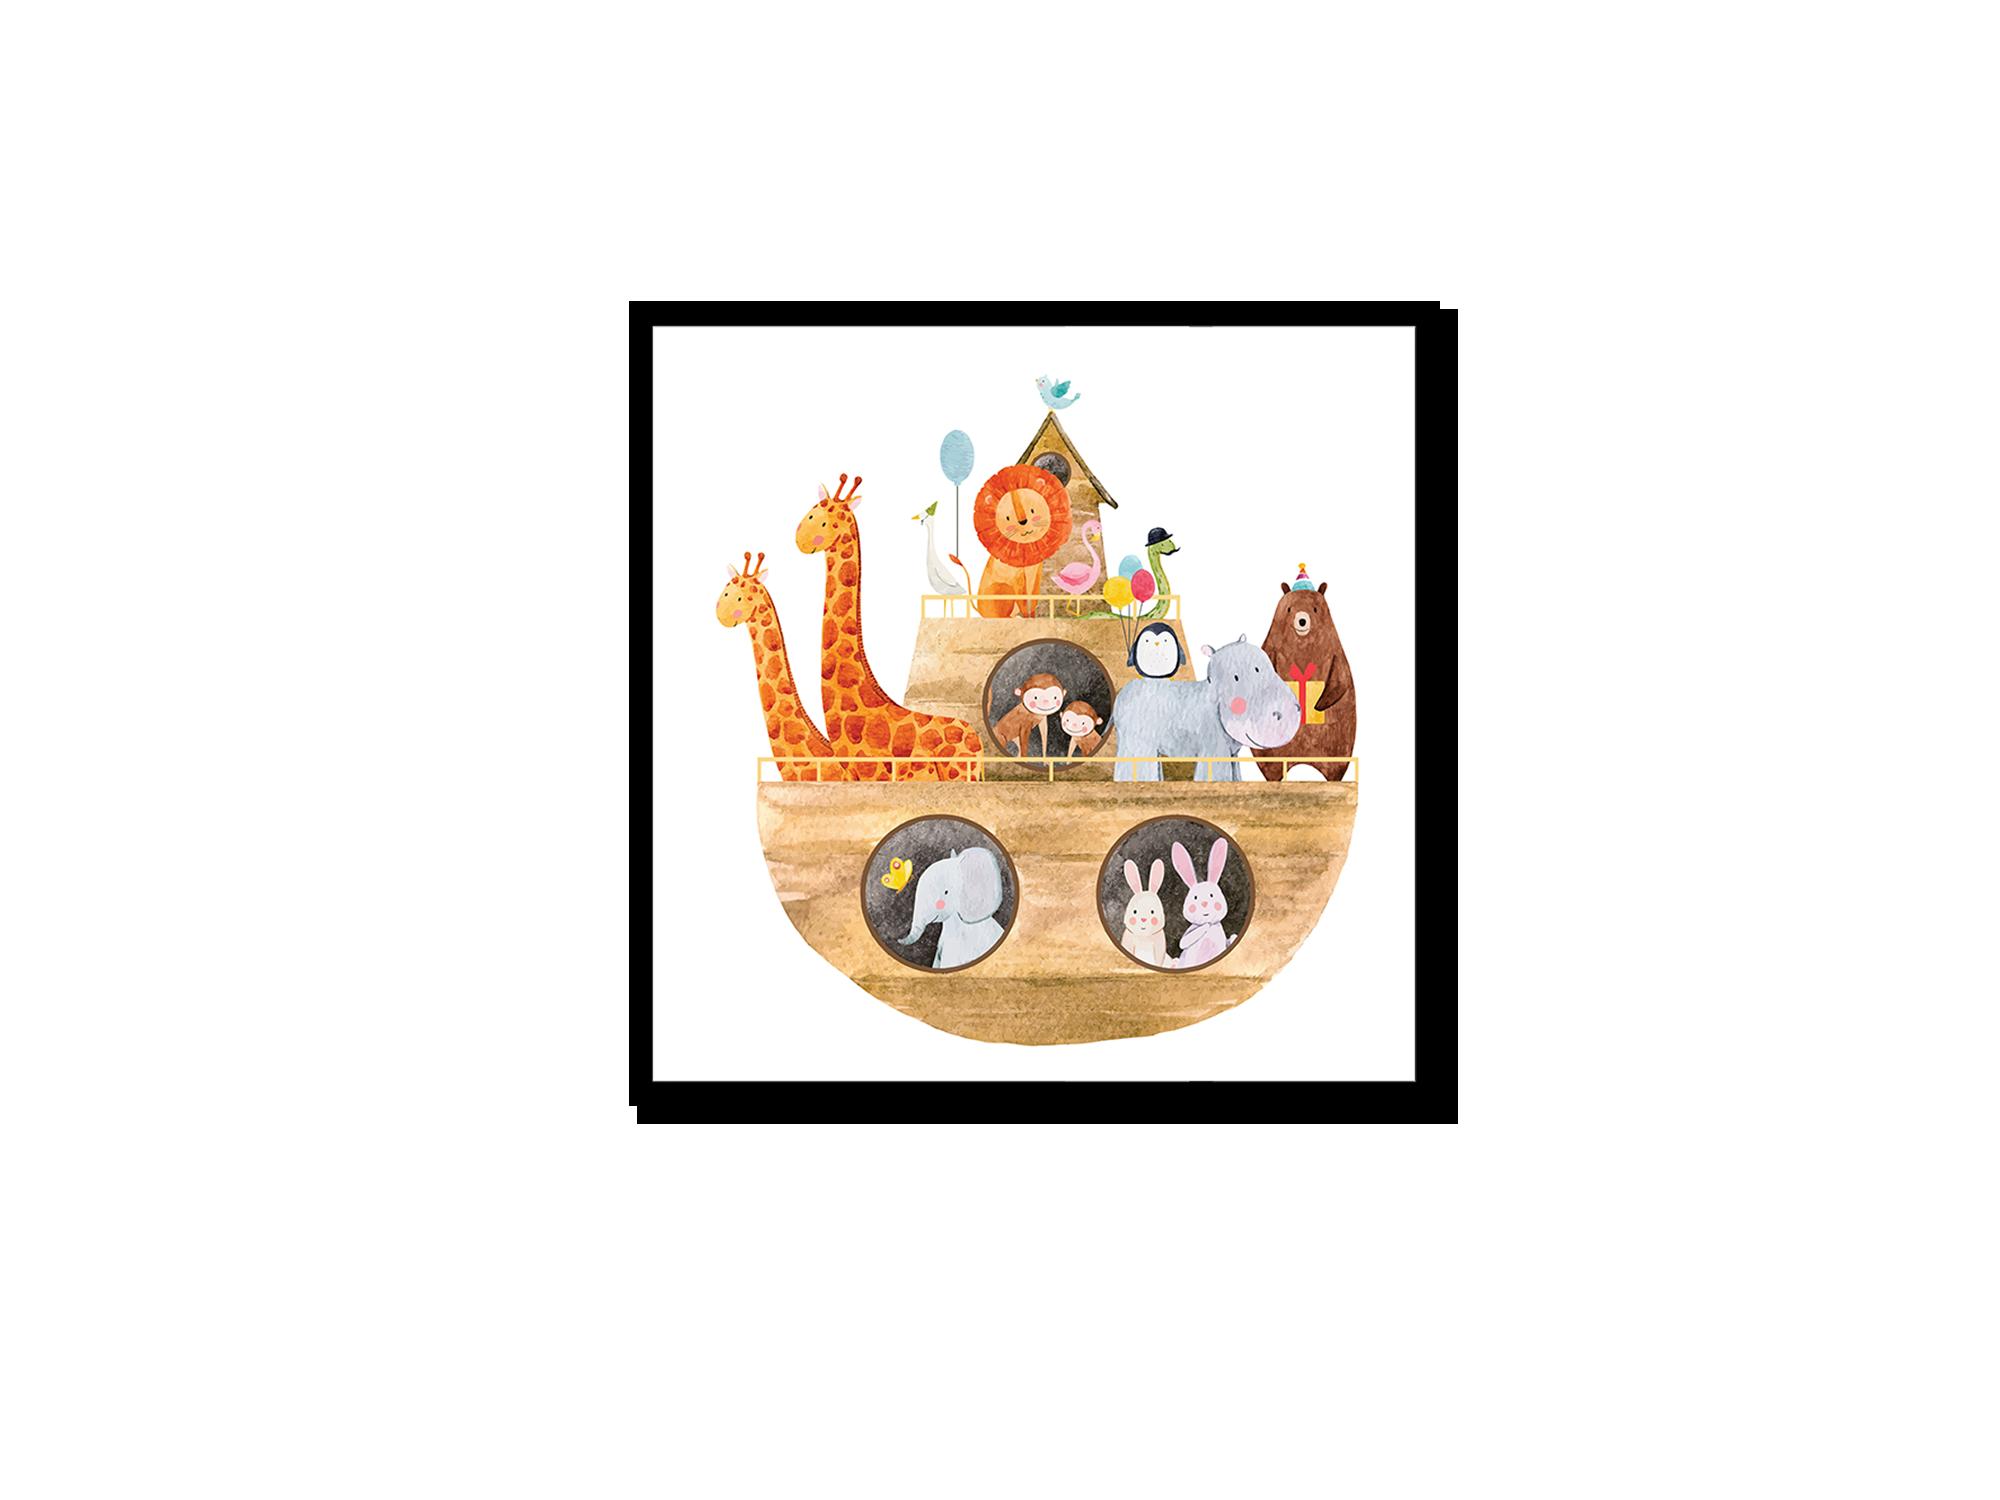 Tranh trang trí phòng trẻ em Noah's Ark